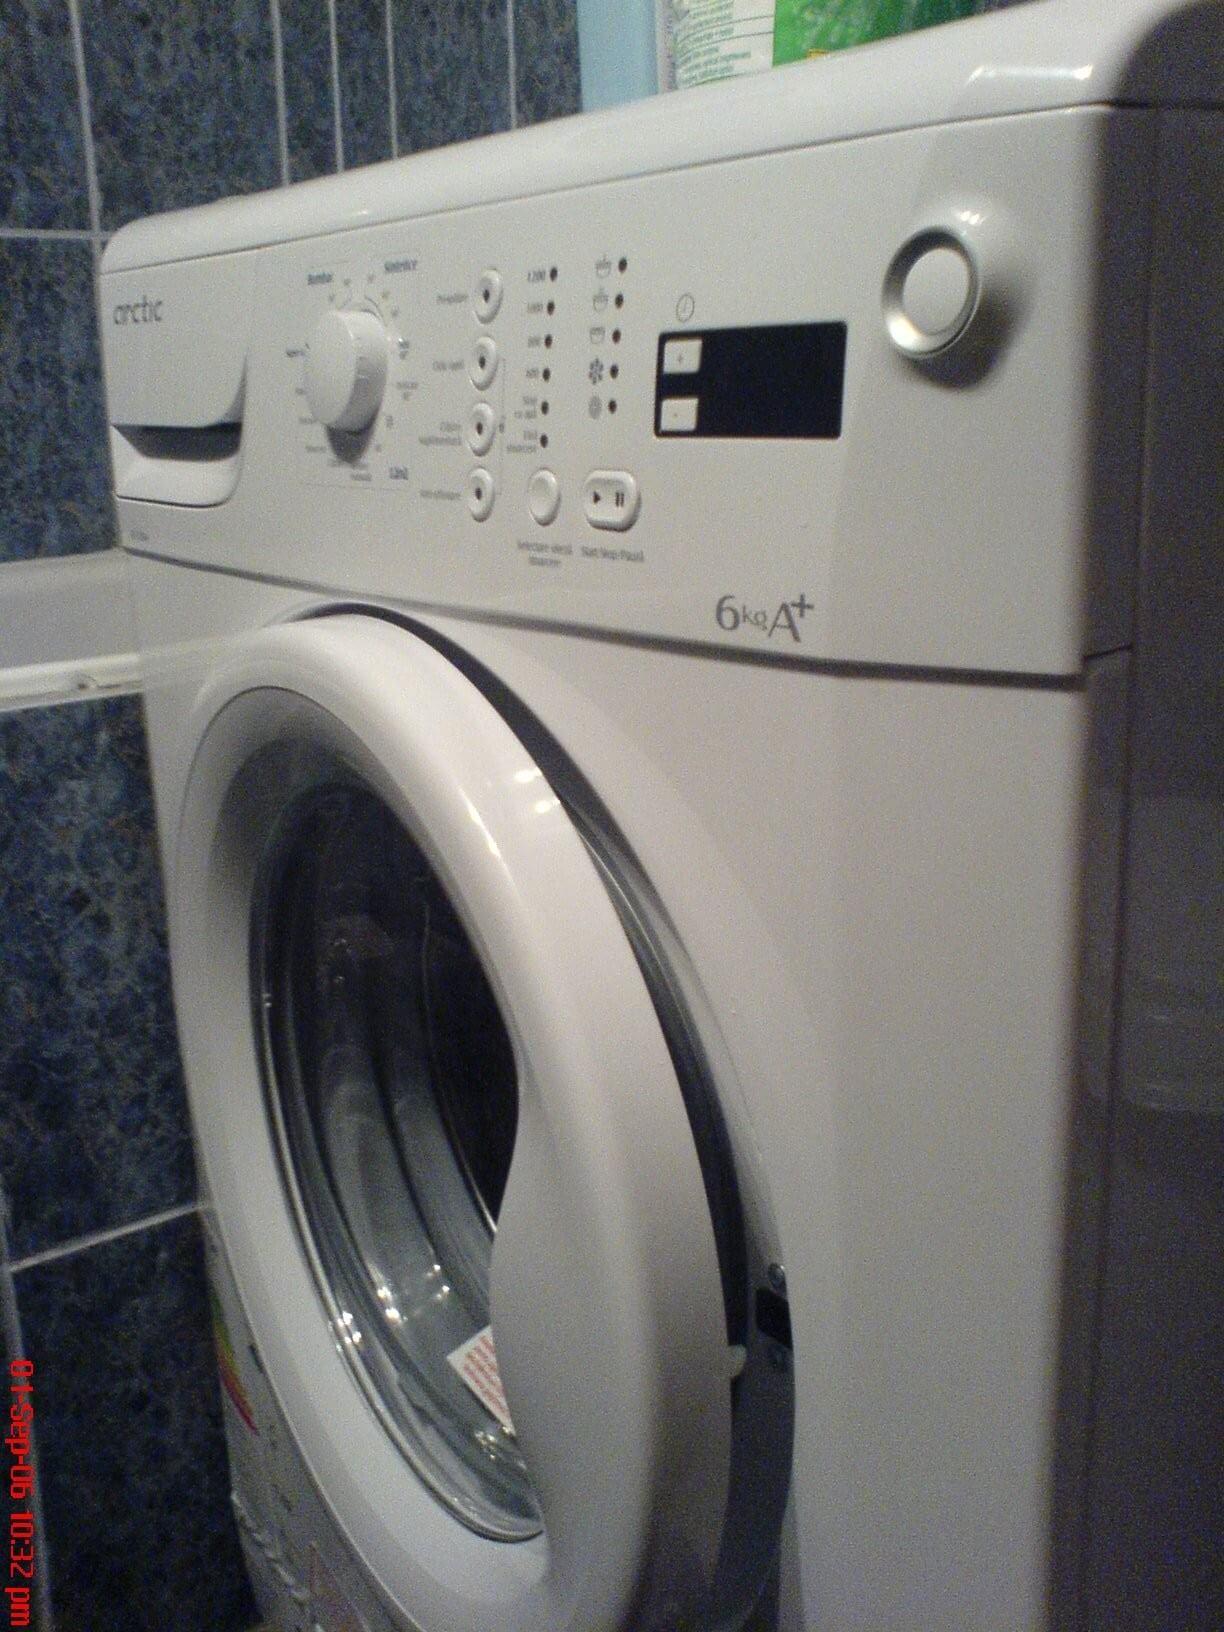 Washing Machine Repair in Noida